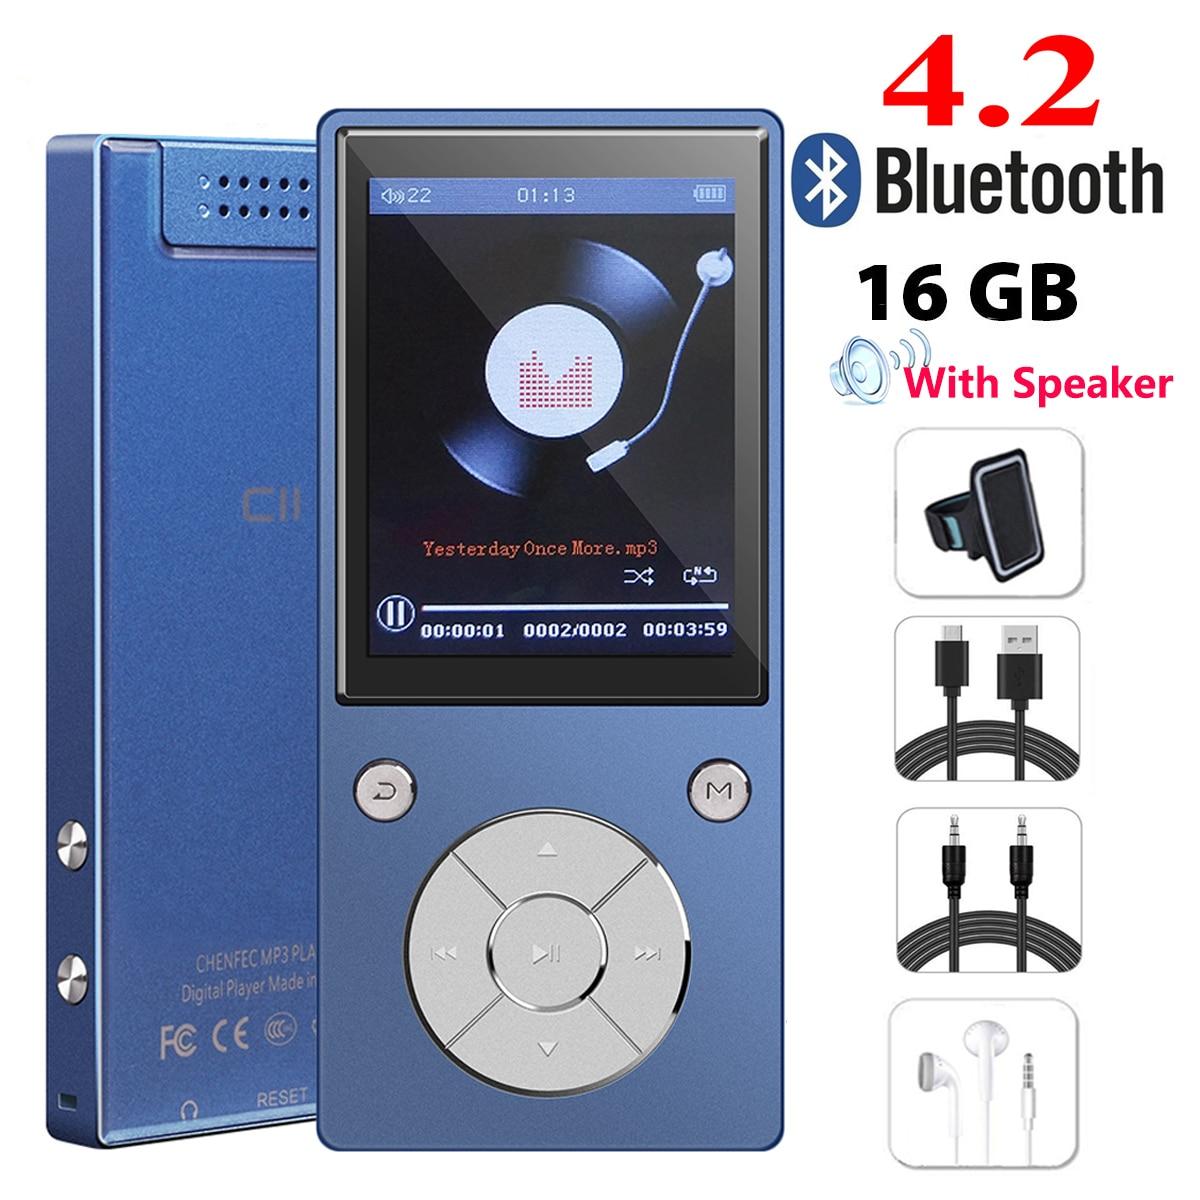 Leitor de Música com Bluetooth Gravador de Voz Visualizador de Fotos gb de Alta Orador Original Player Fidelidade Lossles Som fm Rádio E-book Mp4 16